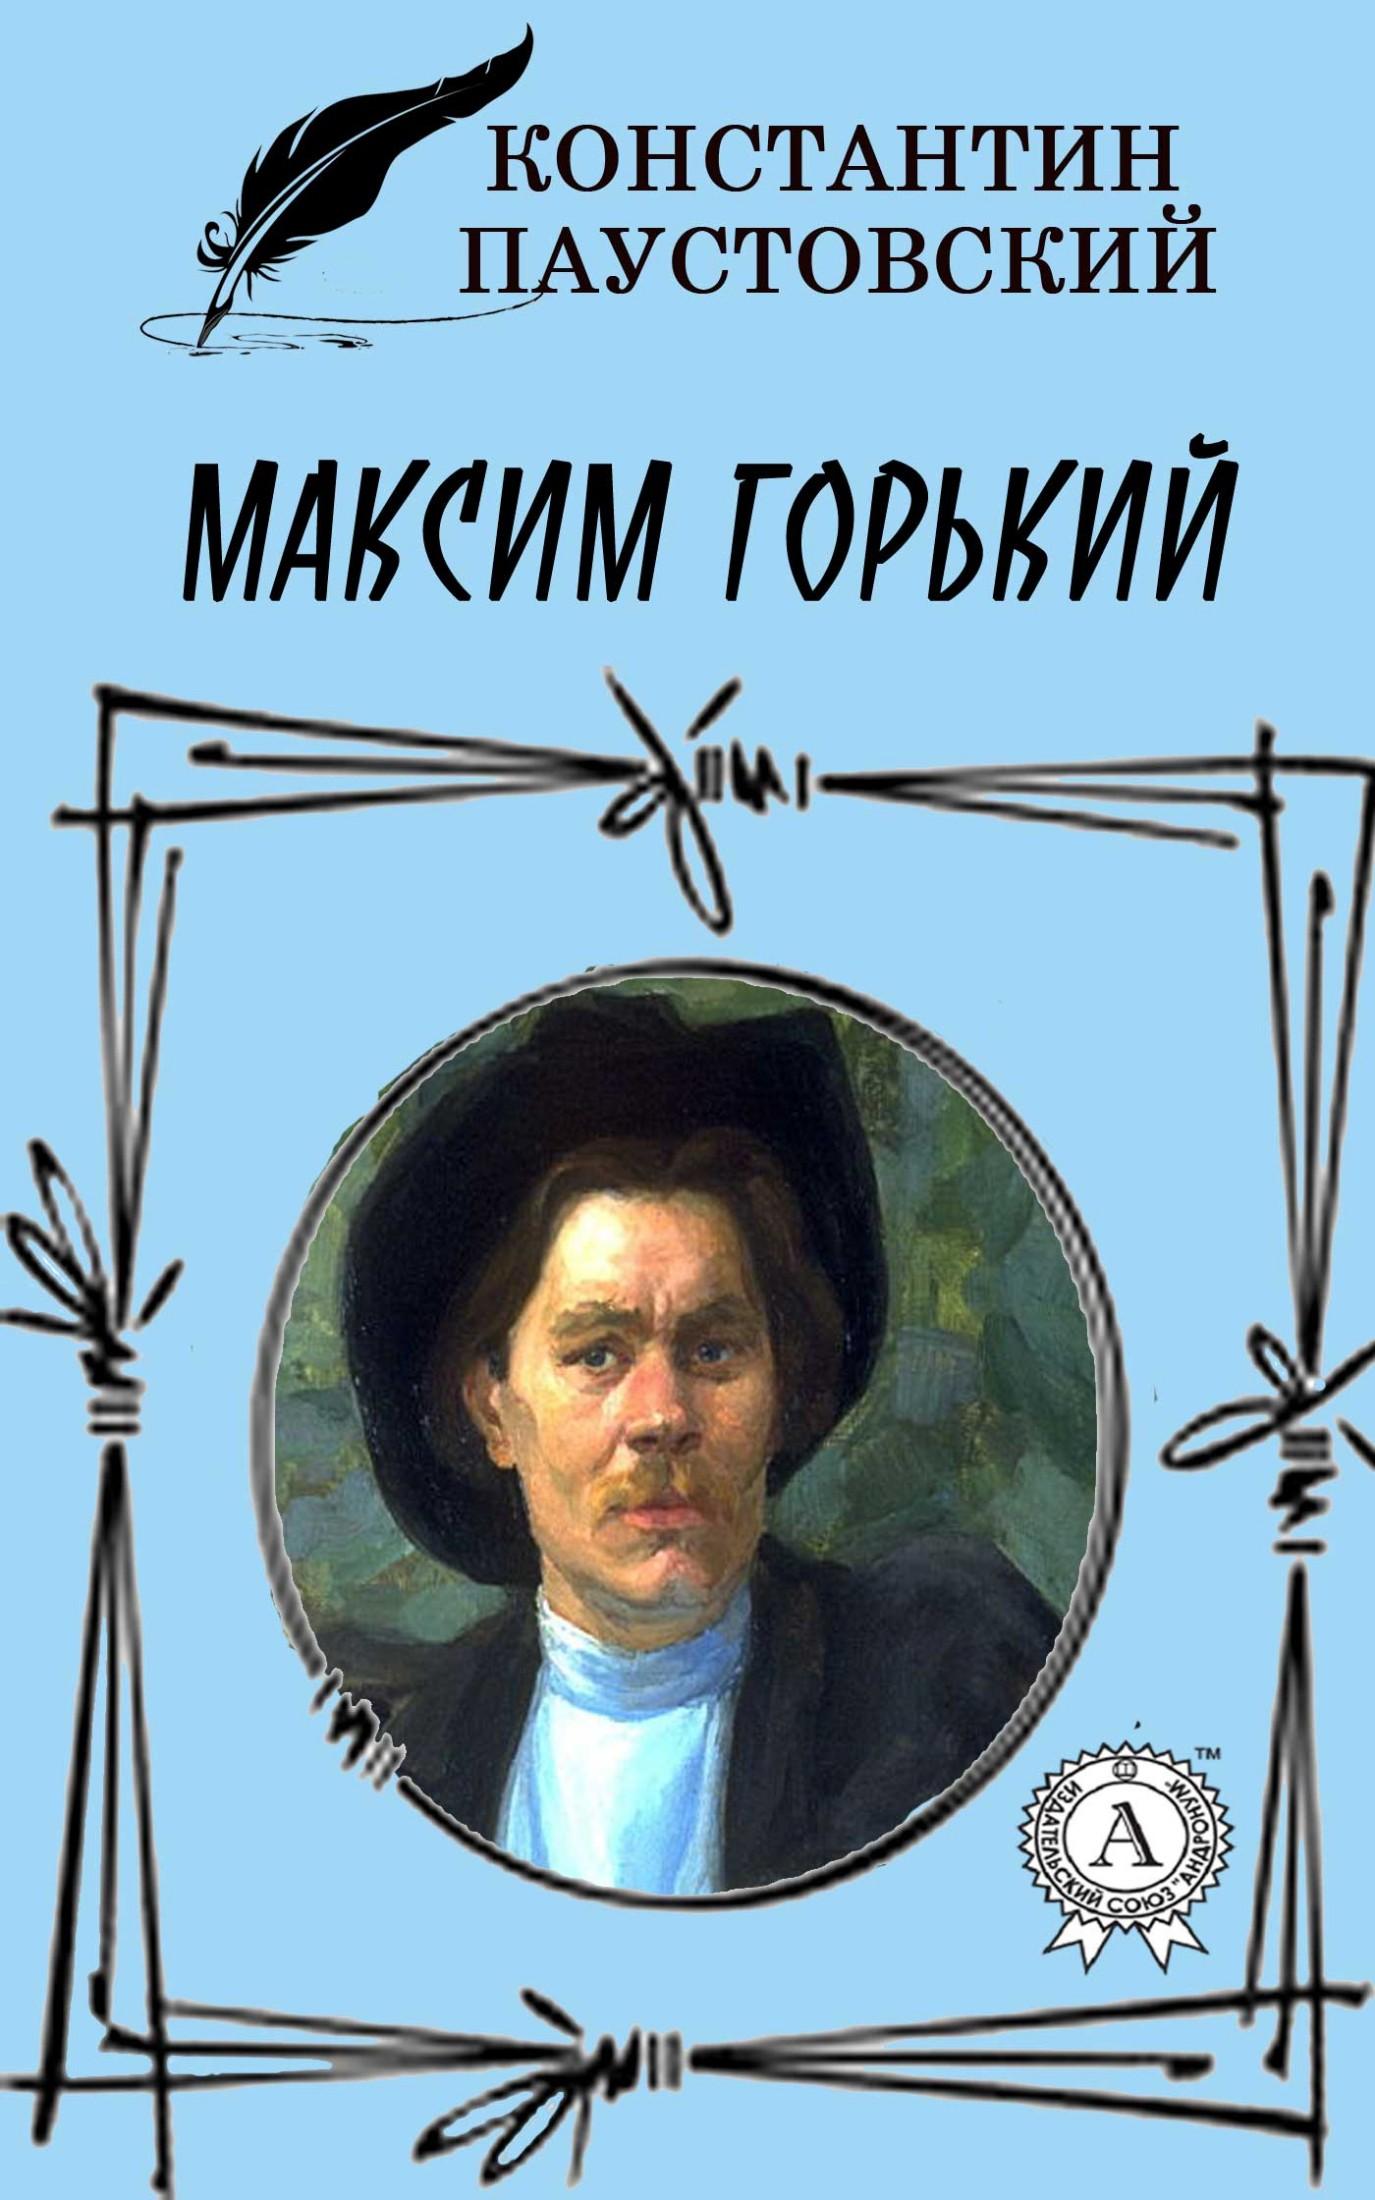 Костянтин Паустовський Максим Горький